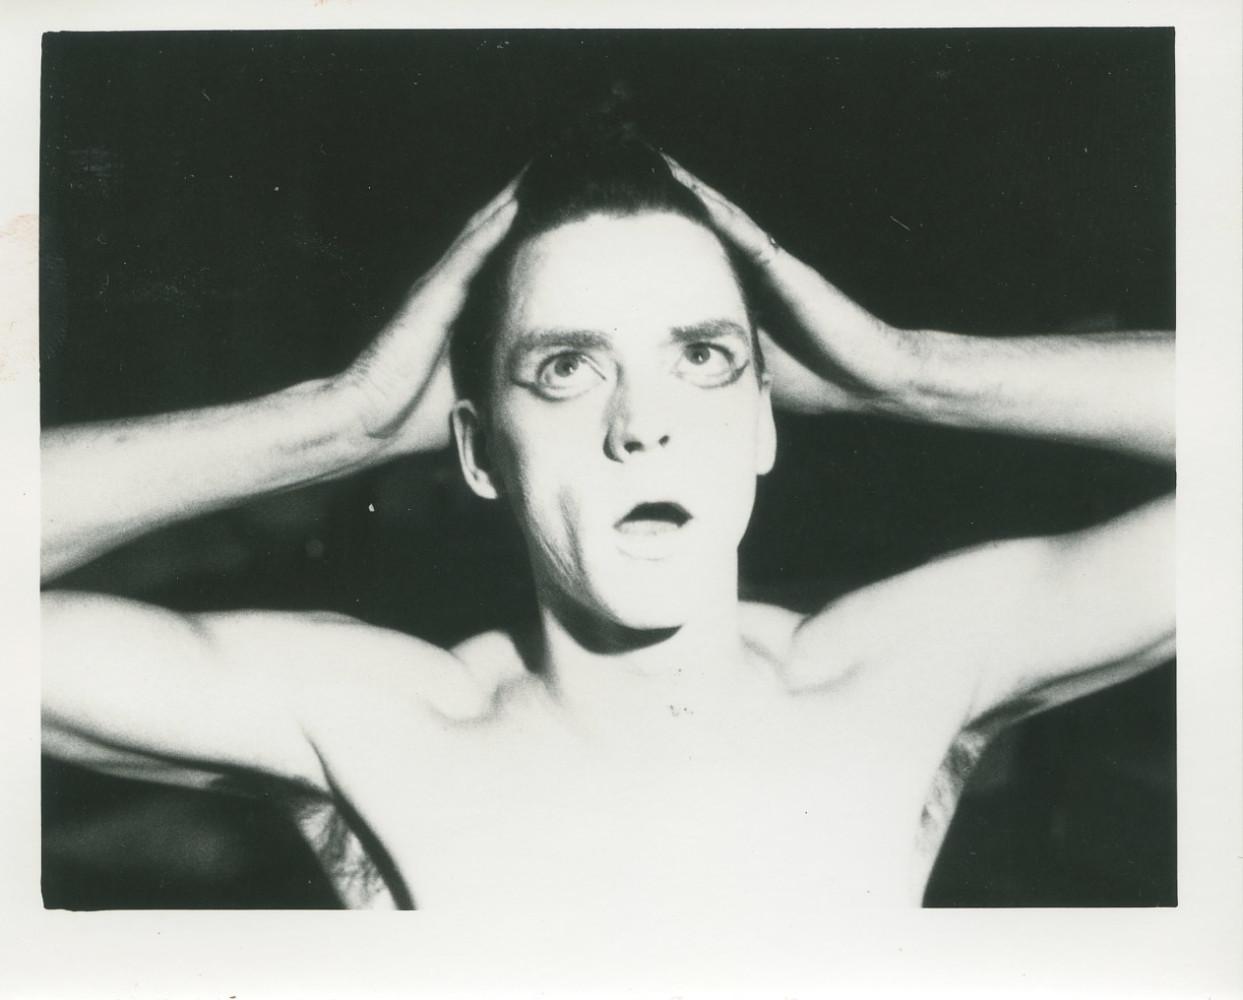 <div class=&#34;artist&#34;><strong>ULAY</strong></div> 1943 - <div class=&#34;title&#34;><em>Mudras</em>, 1974</div> <div class=&#34;medium&#34;>Original Polaroid, vintage</div> <div class=&#34;dimensions&#34;>8.5 x 10.8 cm </div>